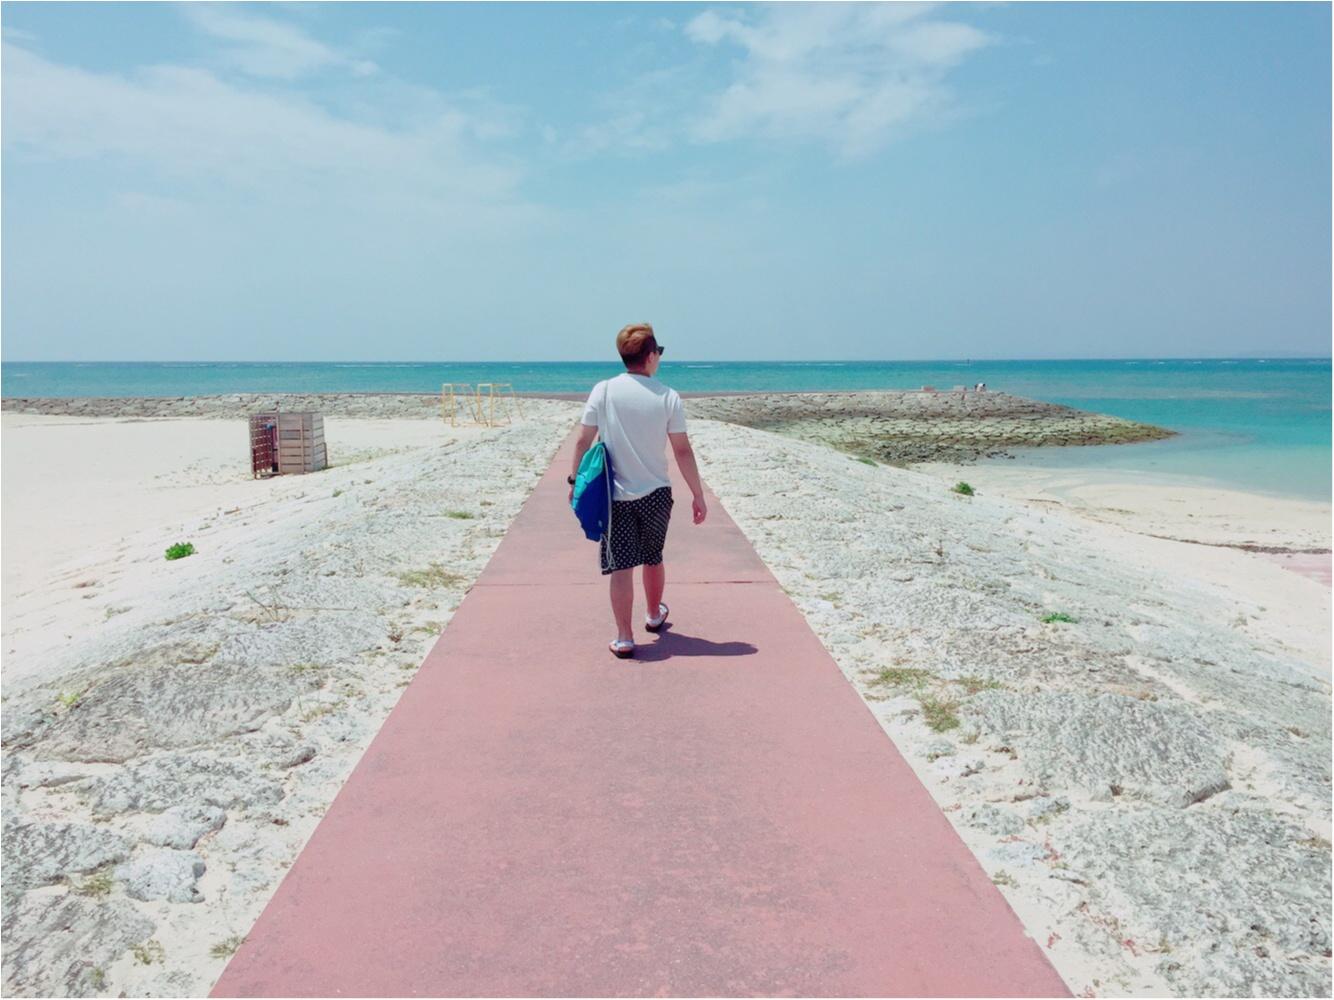 【沖縄女子旅】沖縄旅行!本島のBEACHはどこへ行く?迷ったら空港近くのココがおすすめ♡!_7